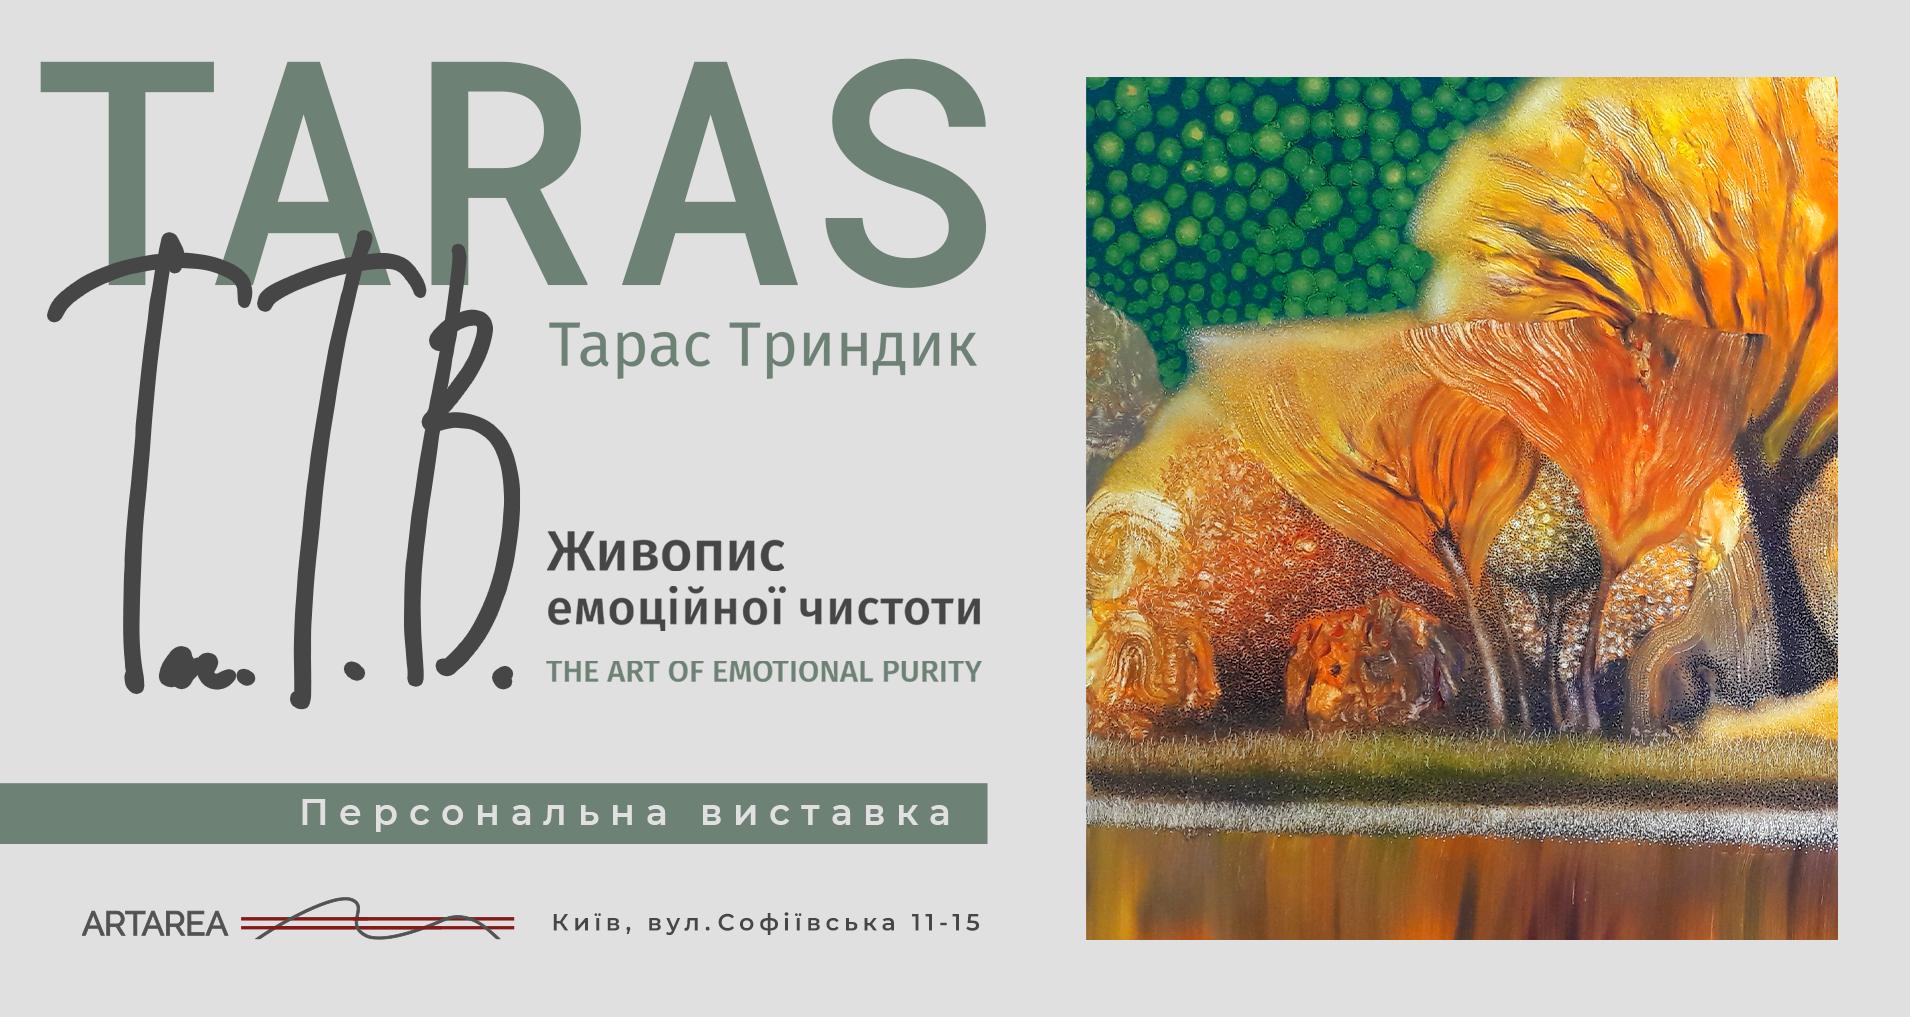 ARTAREA пропонує відвідати персональну виставку полотен художника Тараса Триндика